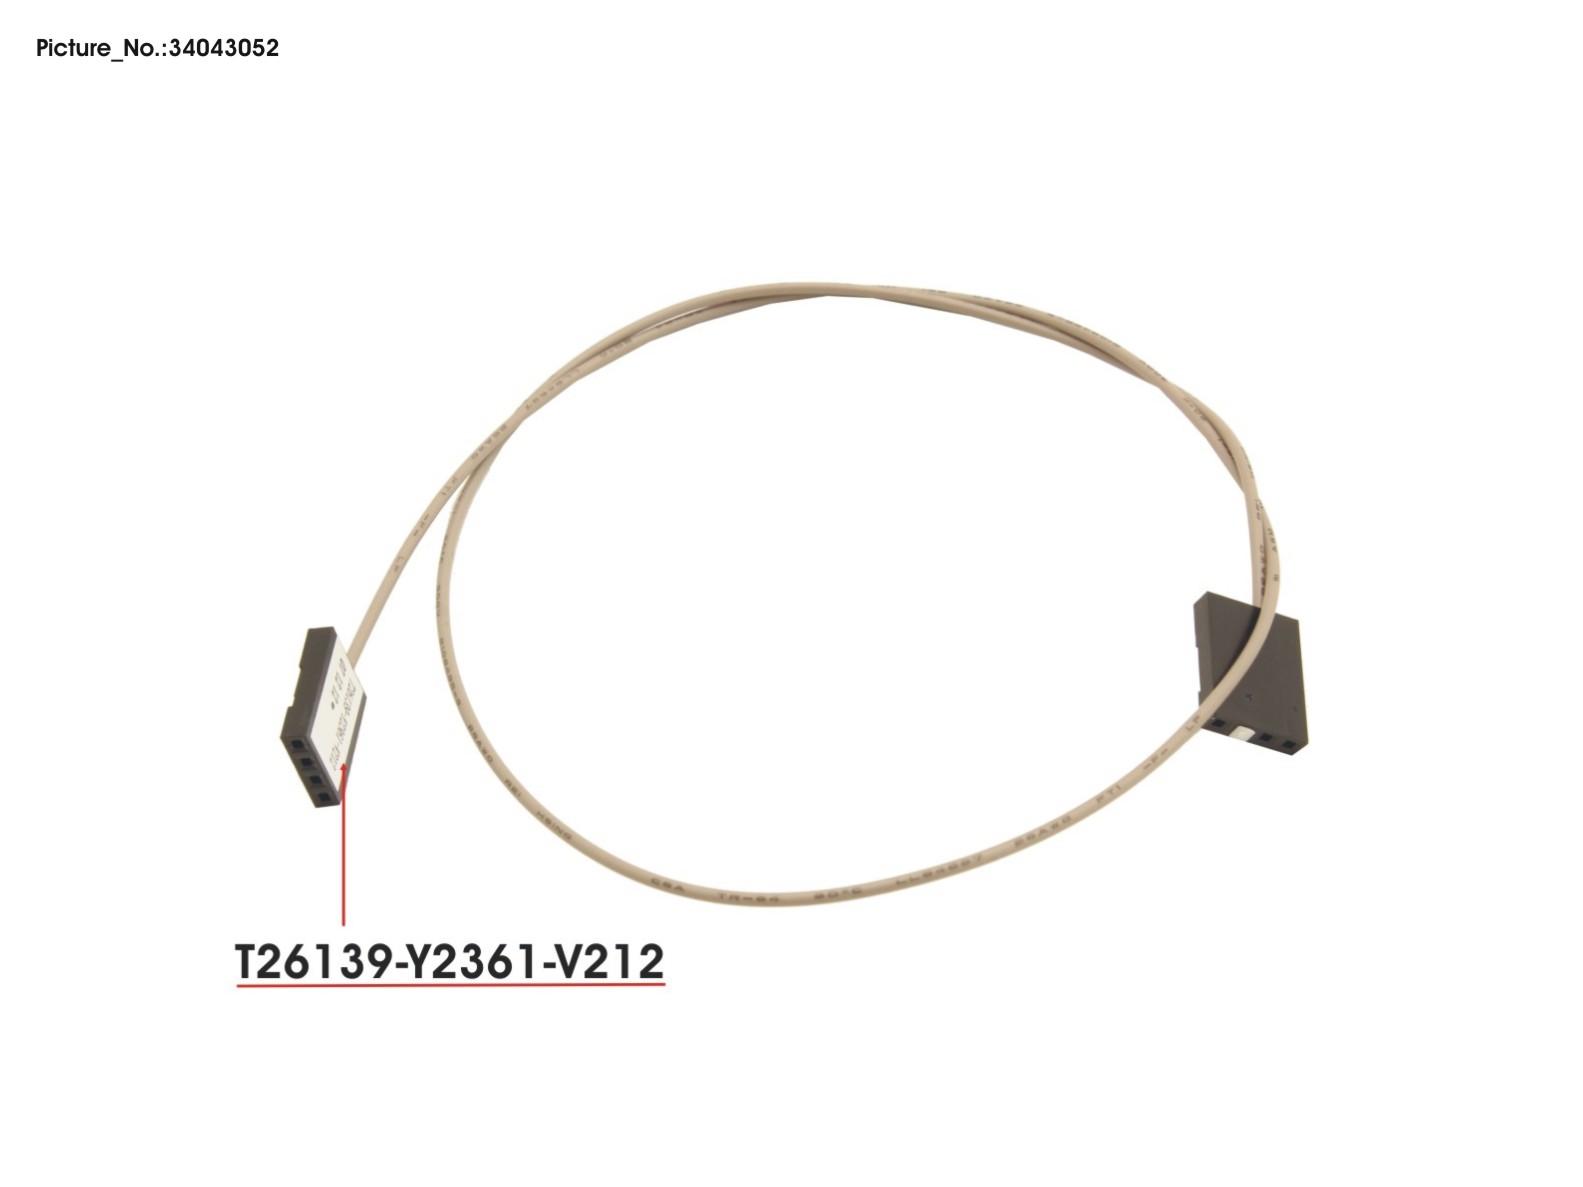 cable sas led original fujitsu spare parts for primergy  esprimo  lifebook  stylistic and